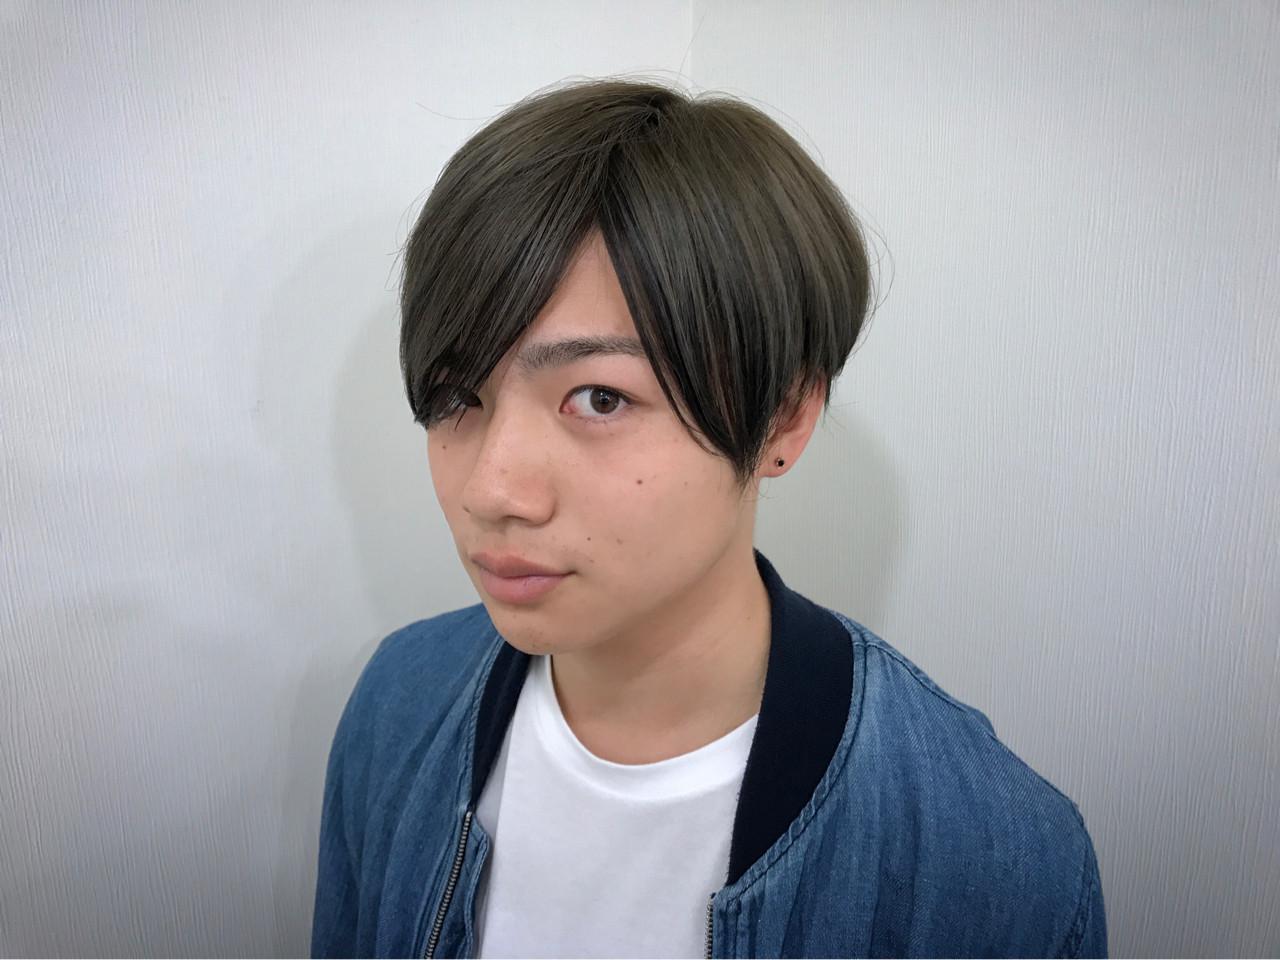 メンズ ツートンカラー 〜モノトーン〜 オシャレでカッコいいカラー